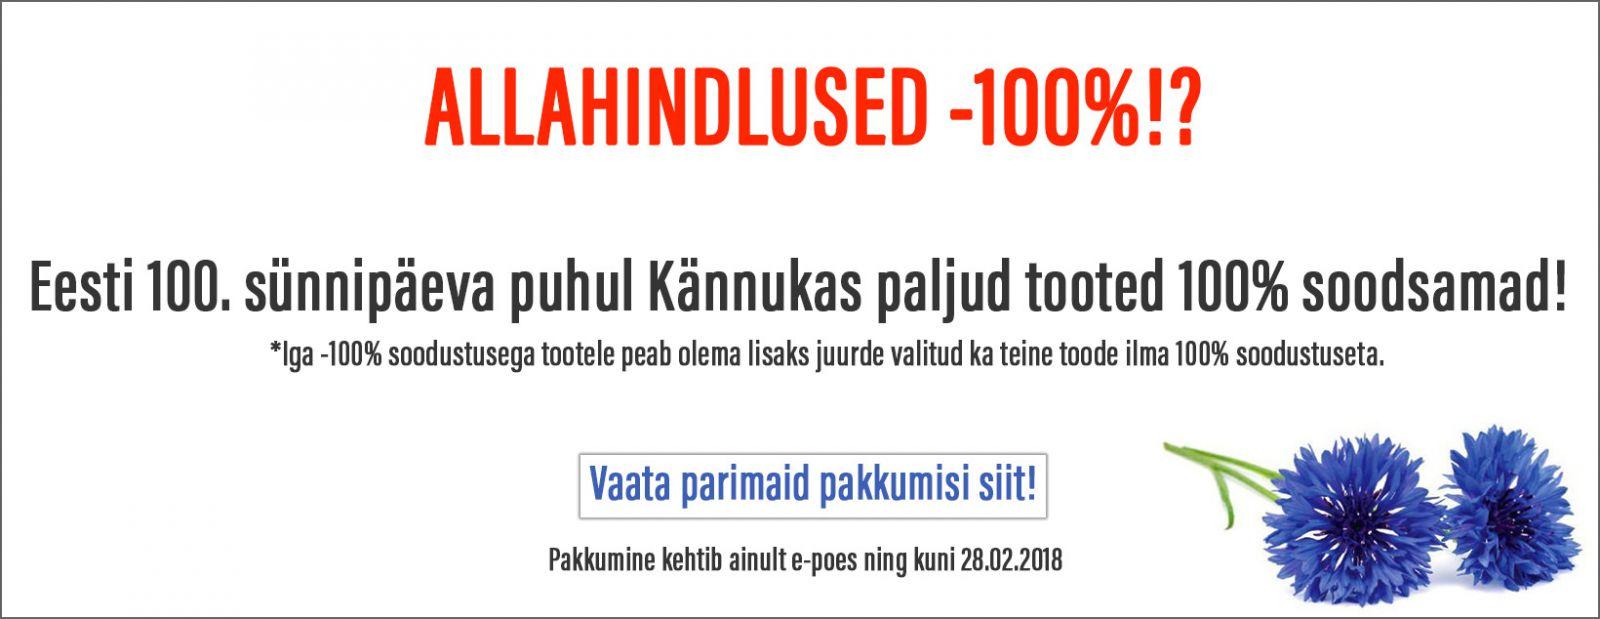 Eesti 100 pakkumised